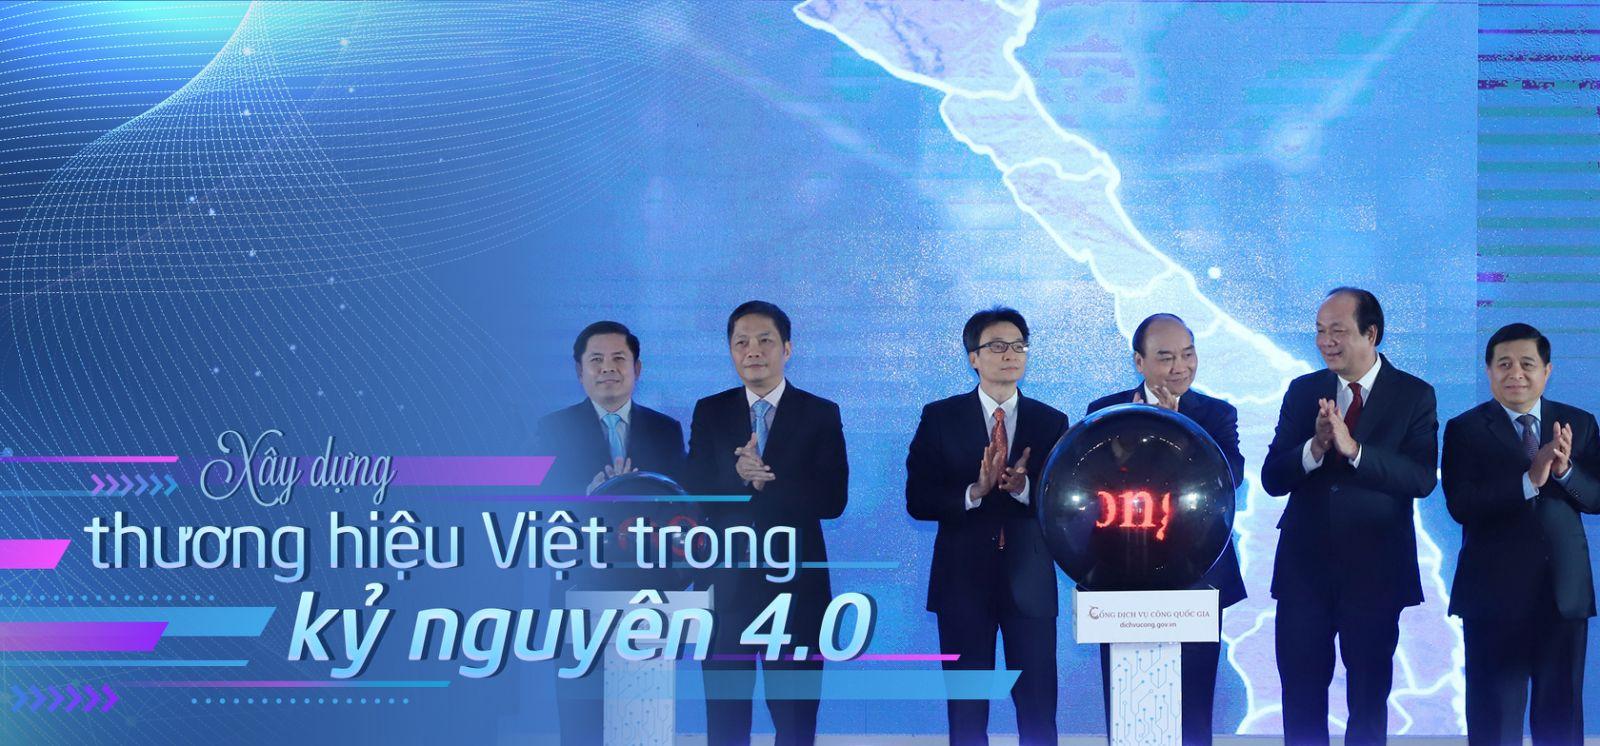 Xây dựng thương hiệu 4.0 - Câu chuyện từ thương hiệu Việt